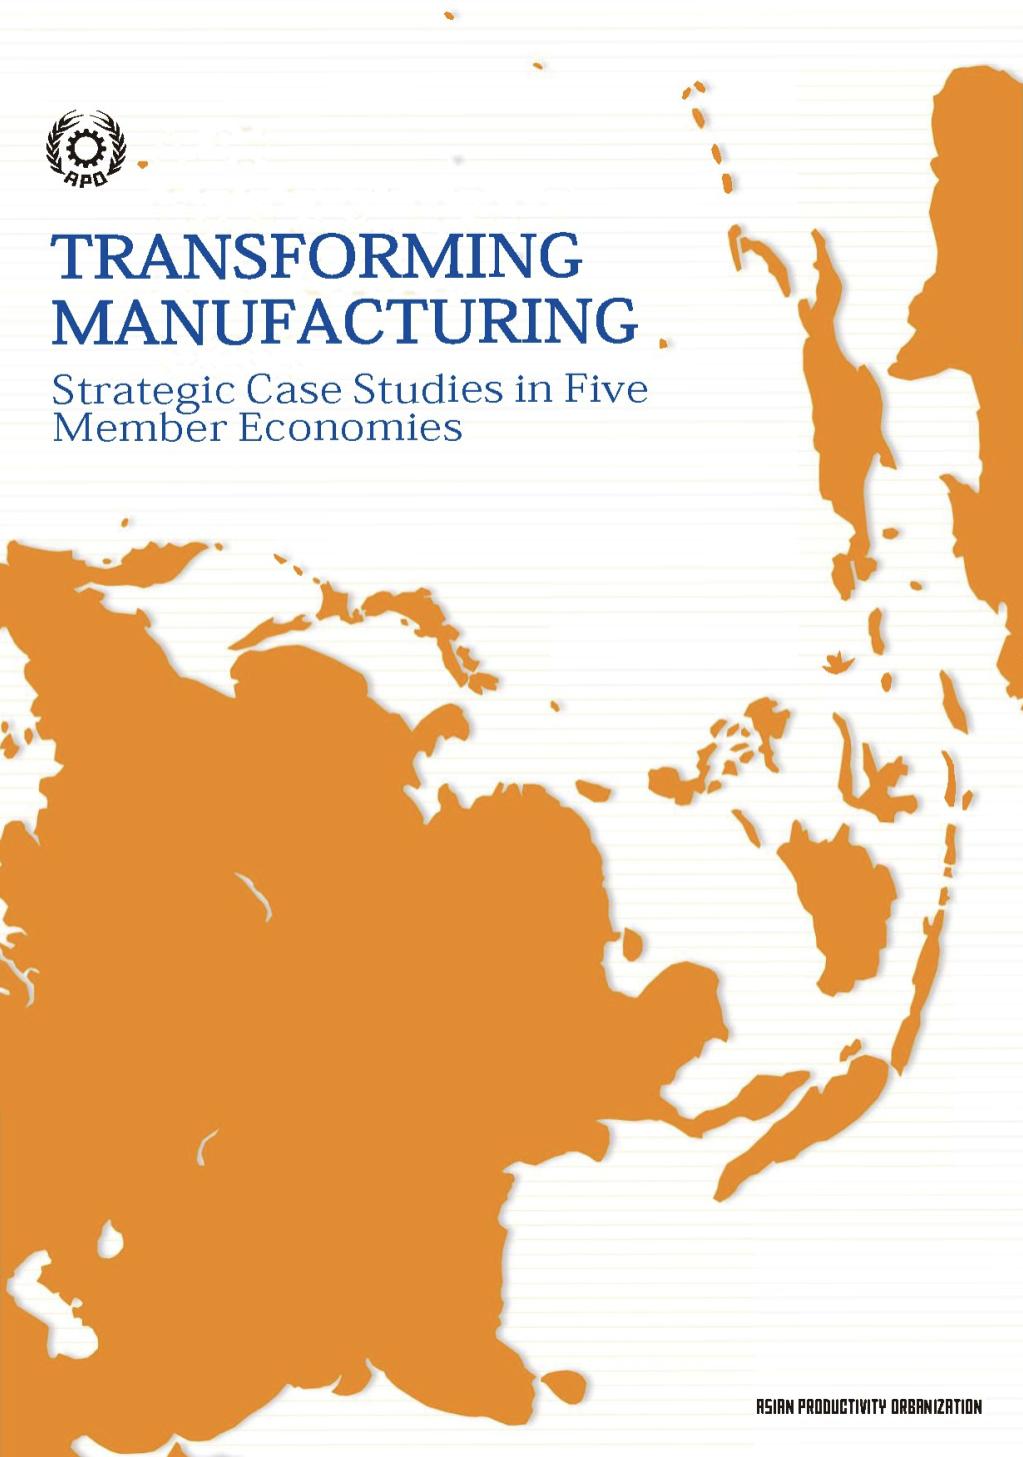 TRANSFORMING MANUFACTURING